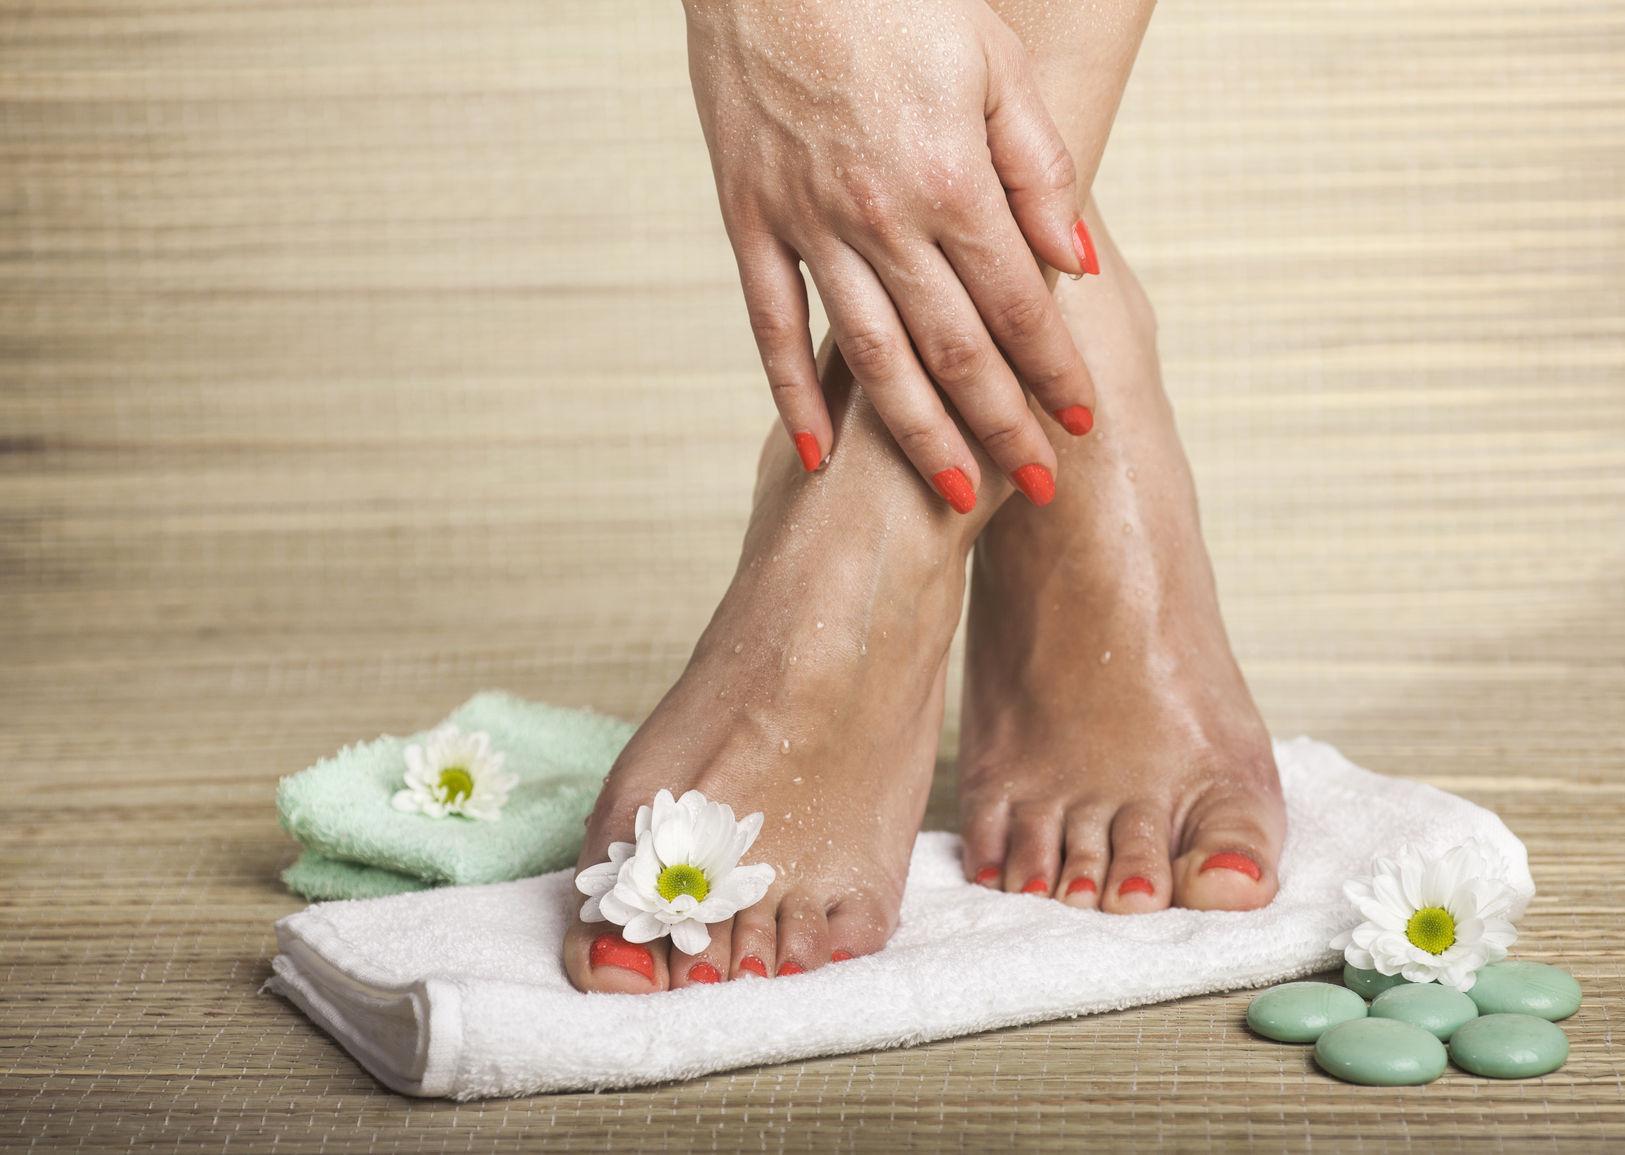 artrita degetului mare al piciorului drept)